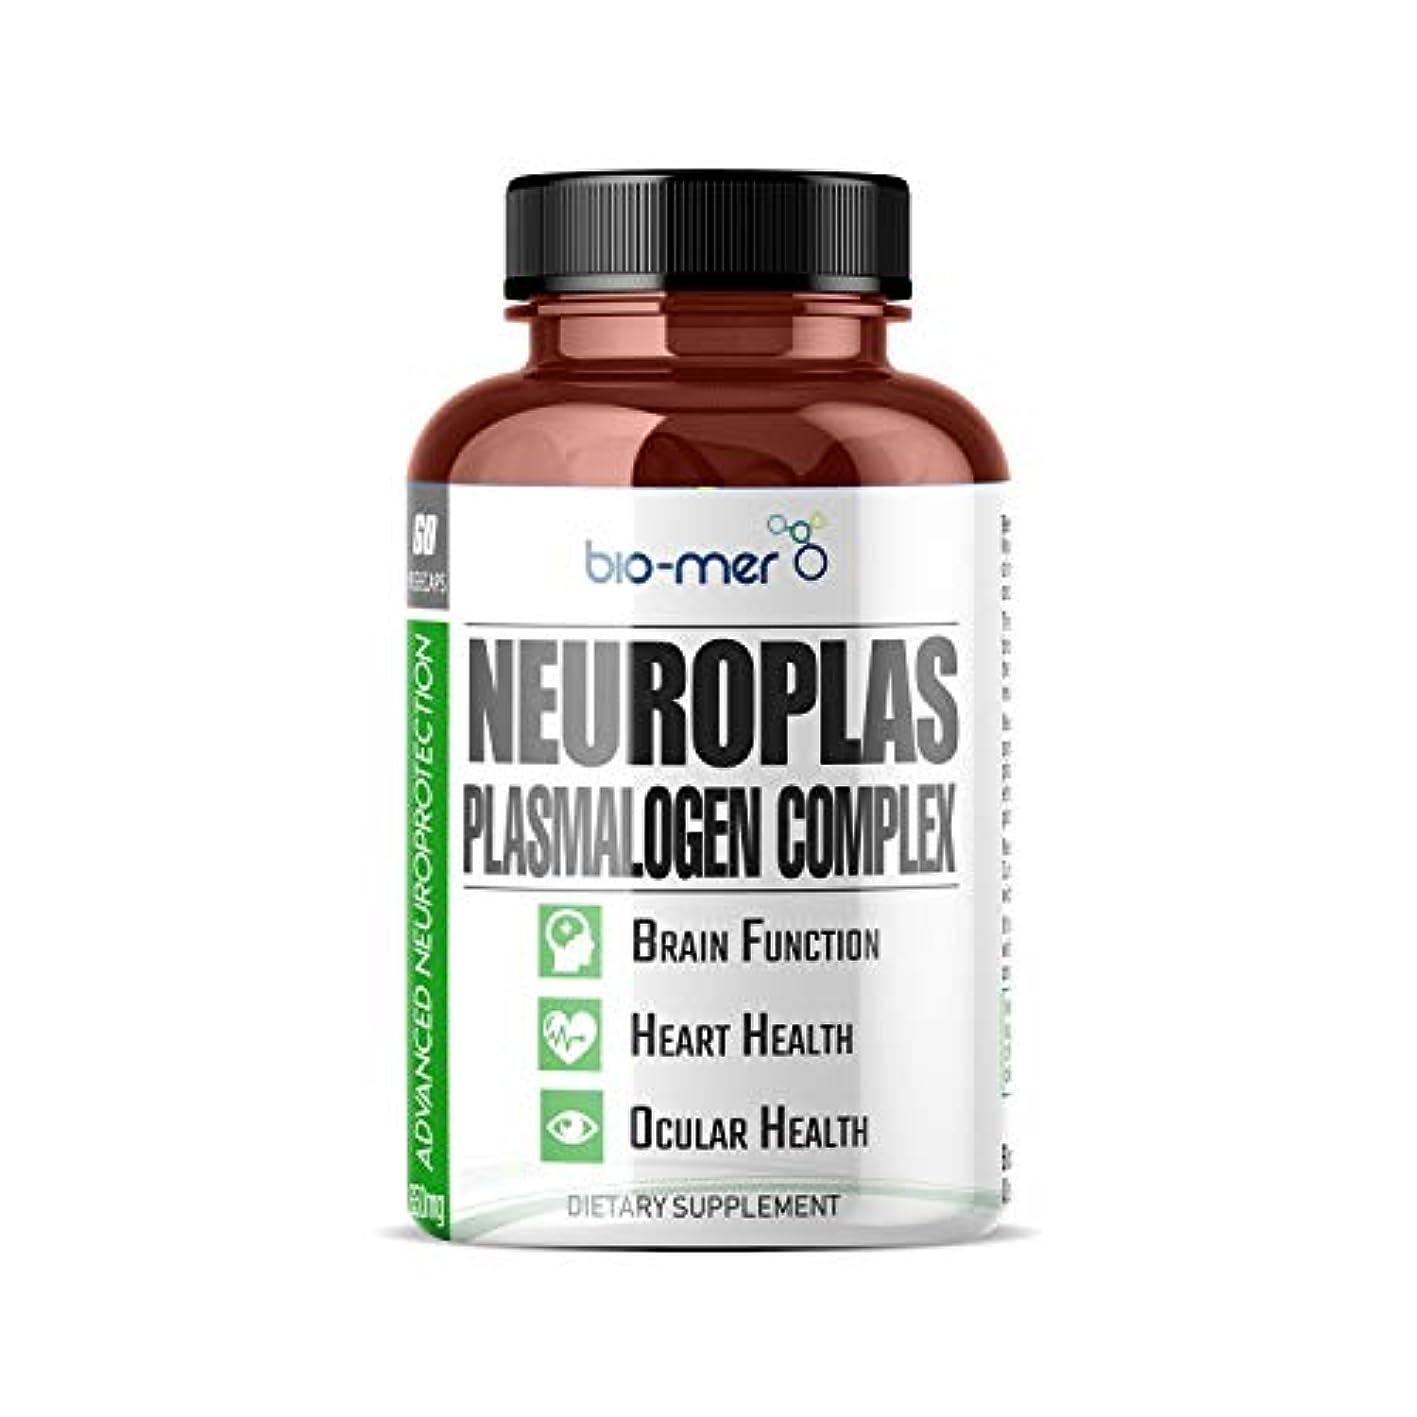 酸素かるドライバNEUROPLAS:412 円/mg のプラズマローゲン (NeuroREGAIN)と比較して、市場で最も安価な プラズマローゲン?サプリメント 38 円/mg。神経変性疾 患に対する身体の抵抗力をサポート